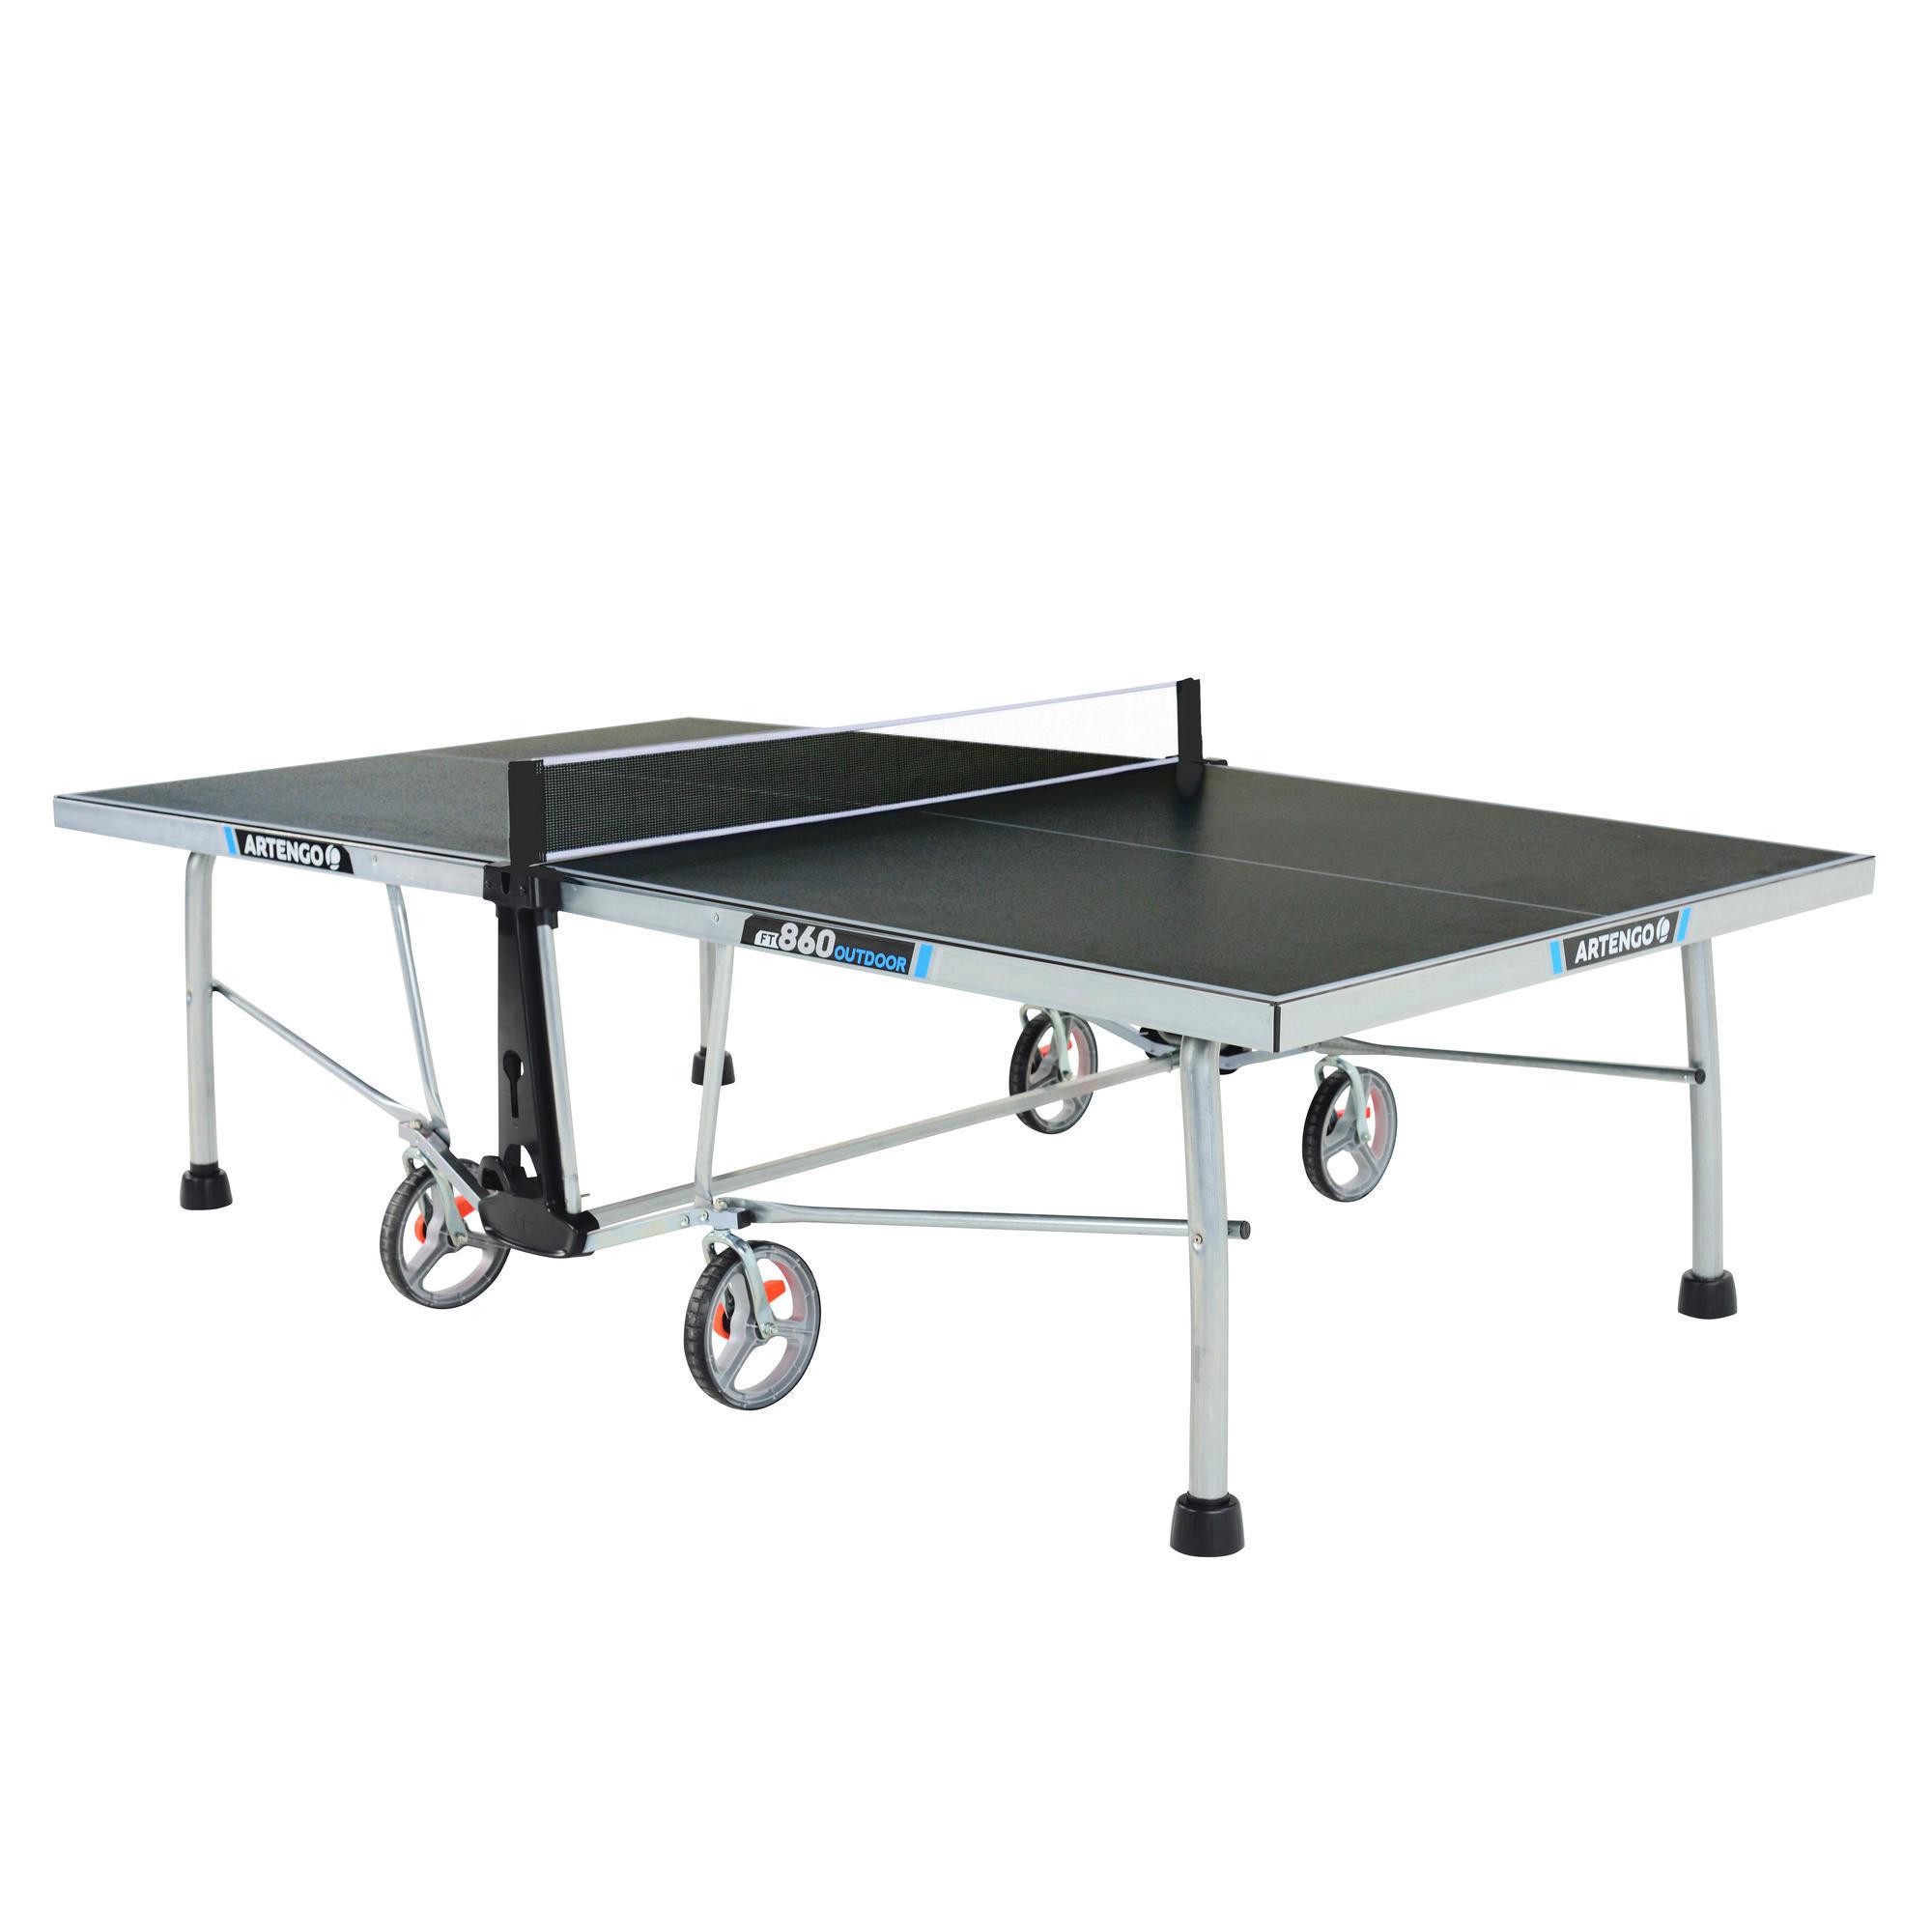 Ft860 outdoor table tennis table artengo - Tavolo da ping pong decathlon prezzi ...